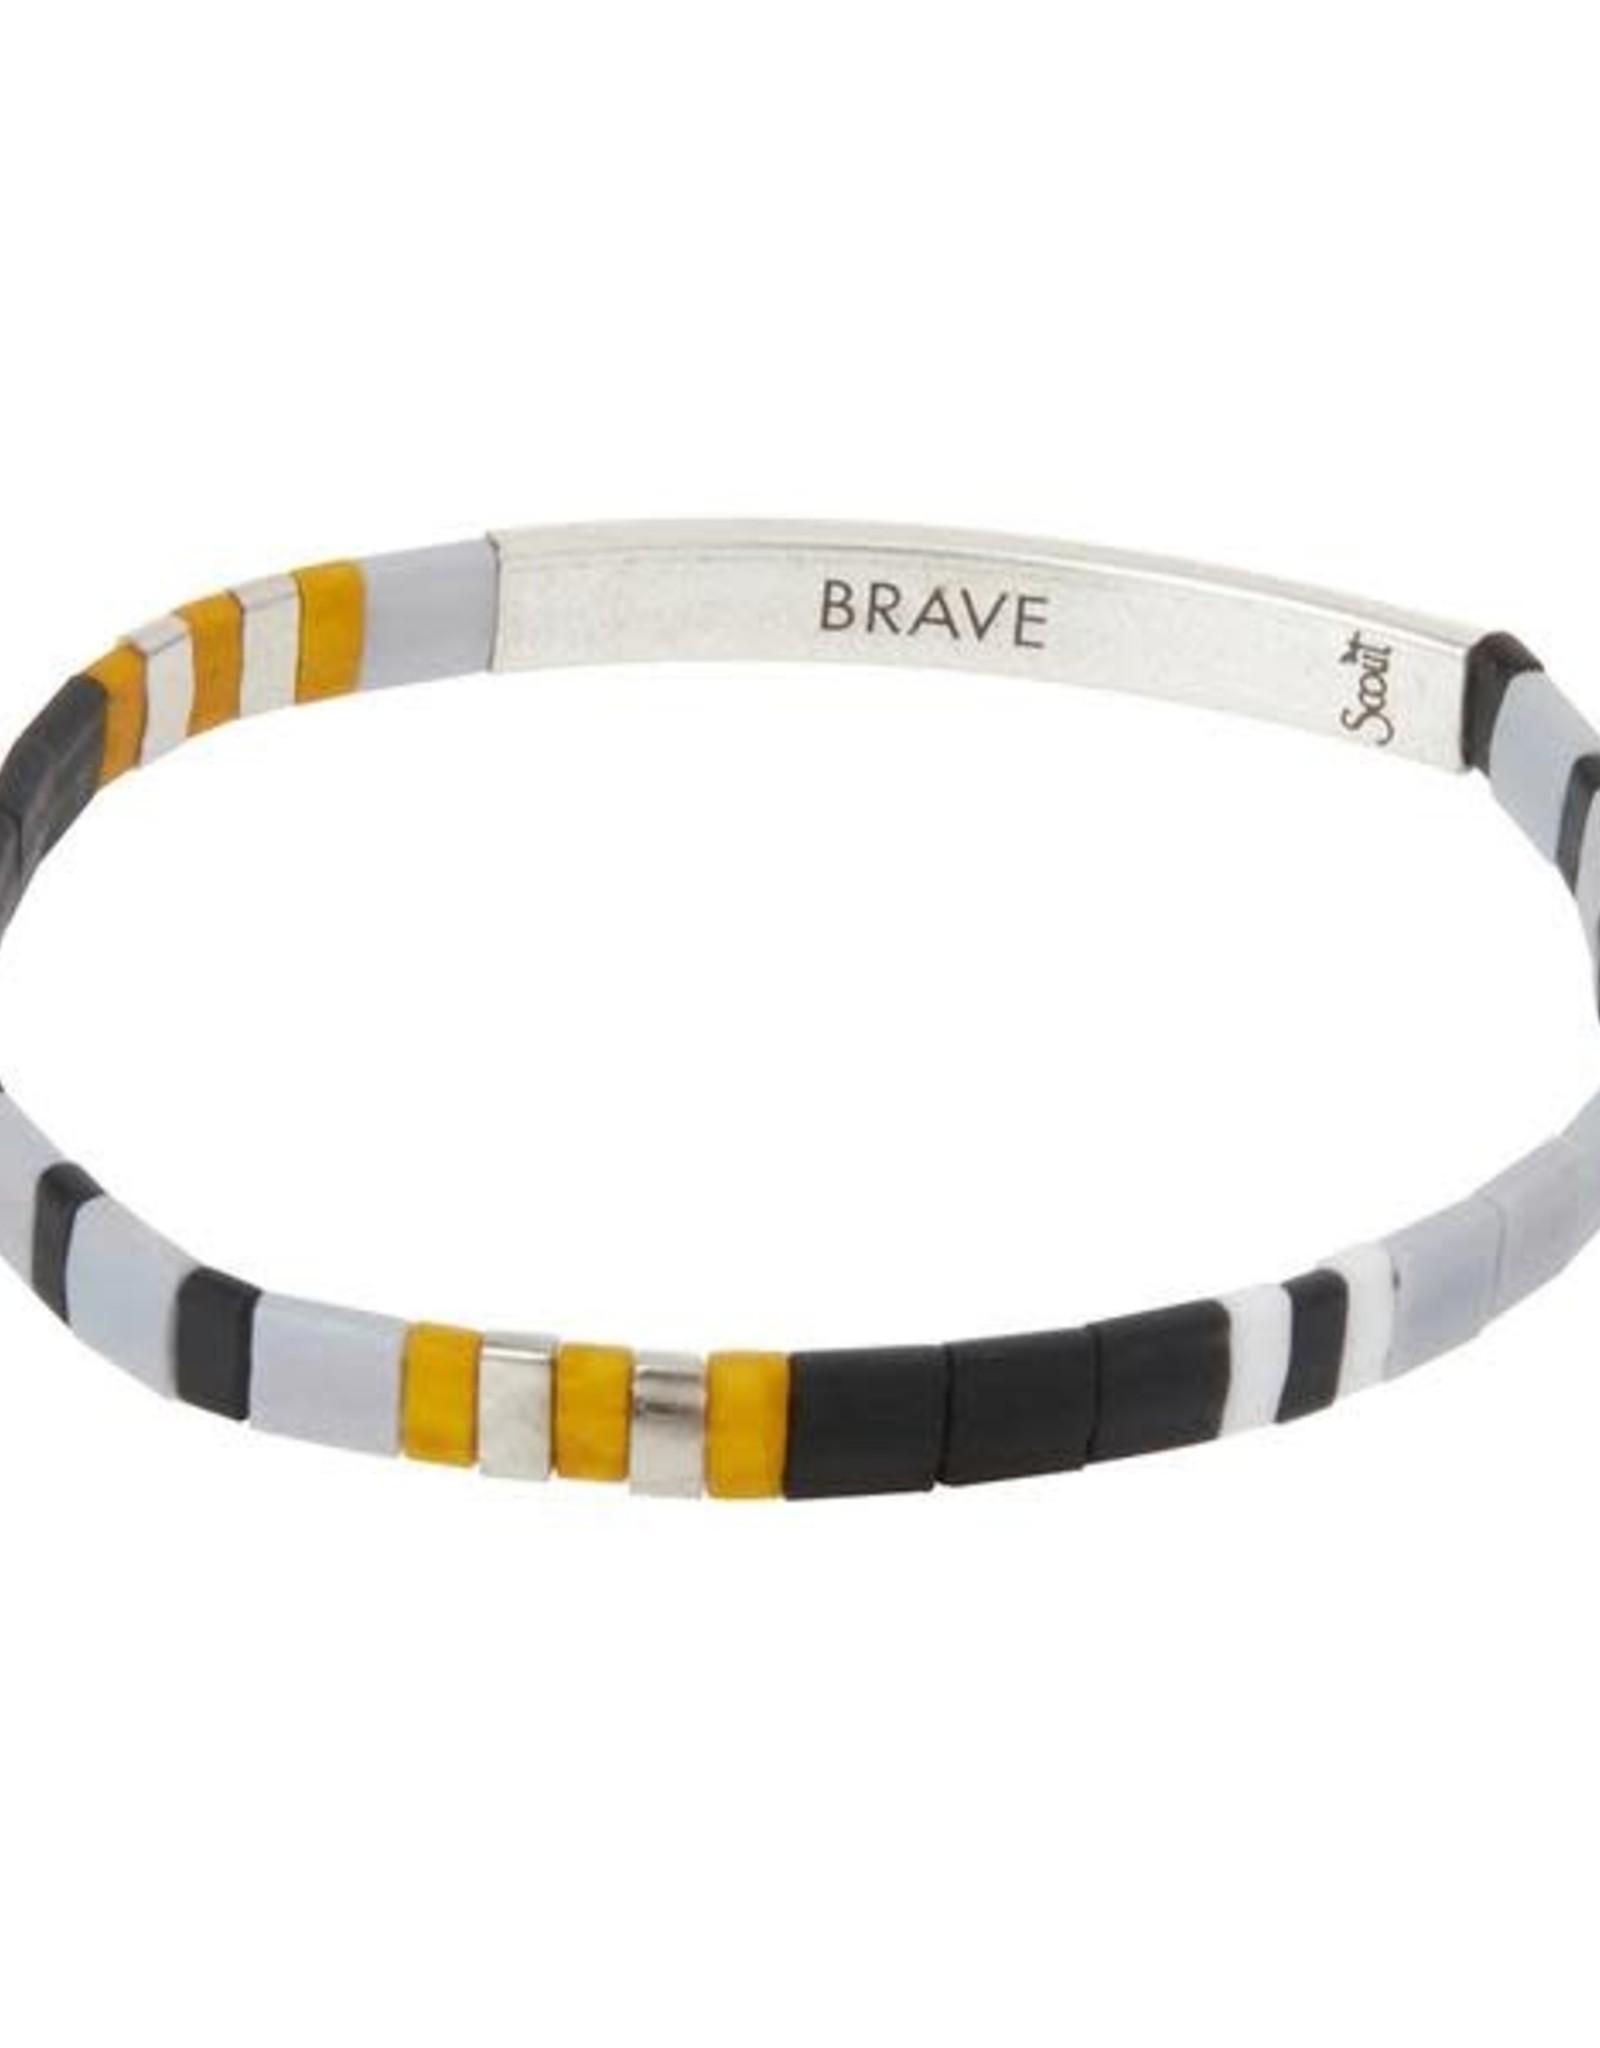 Scout Scout Good Karma Miyuki Bracelet - Brave Gray/Black